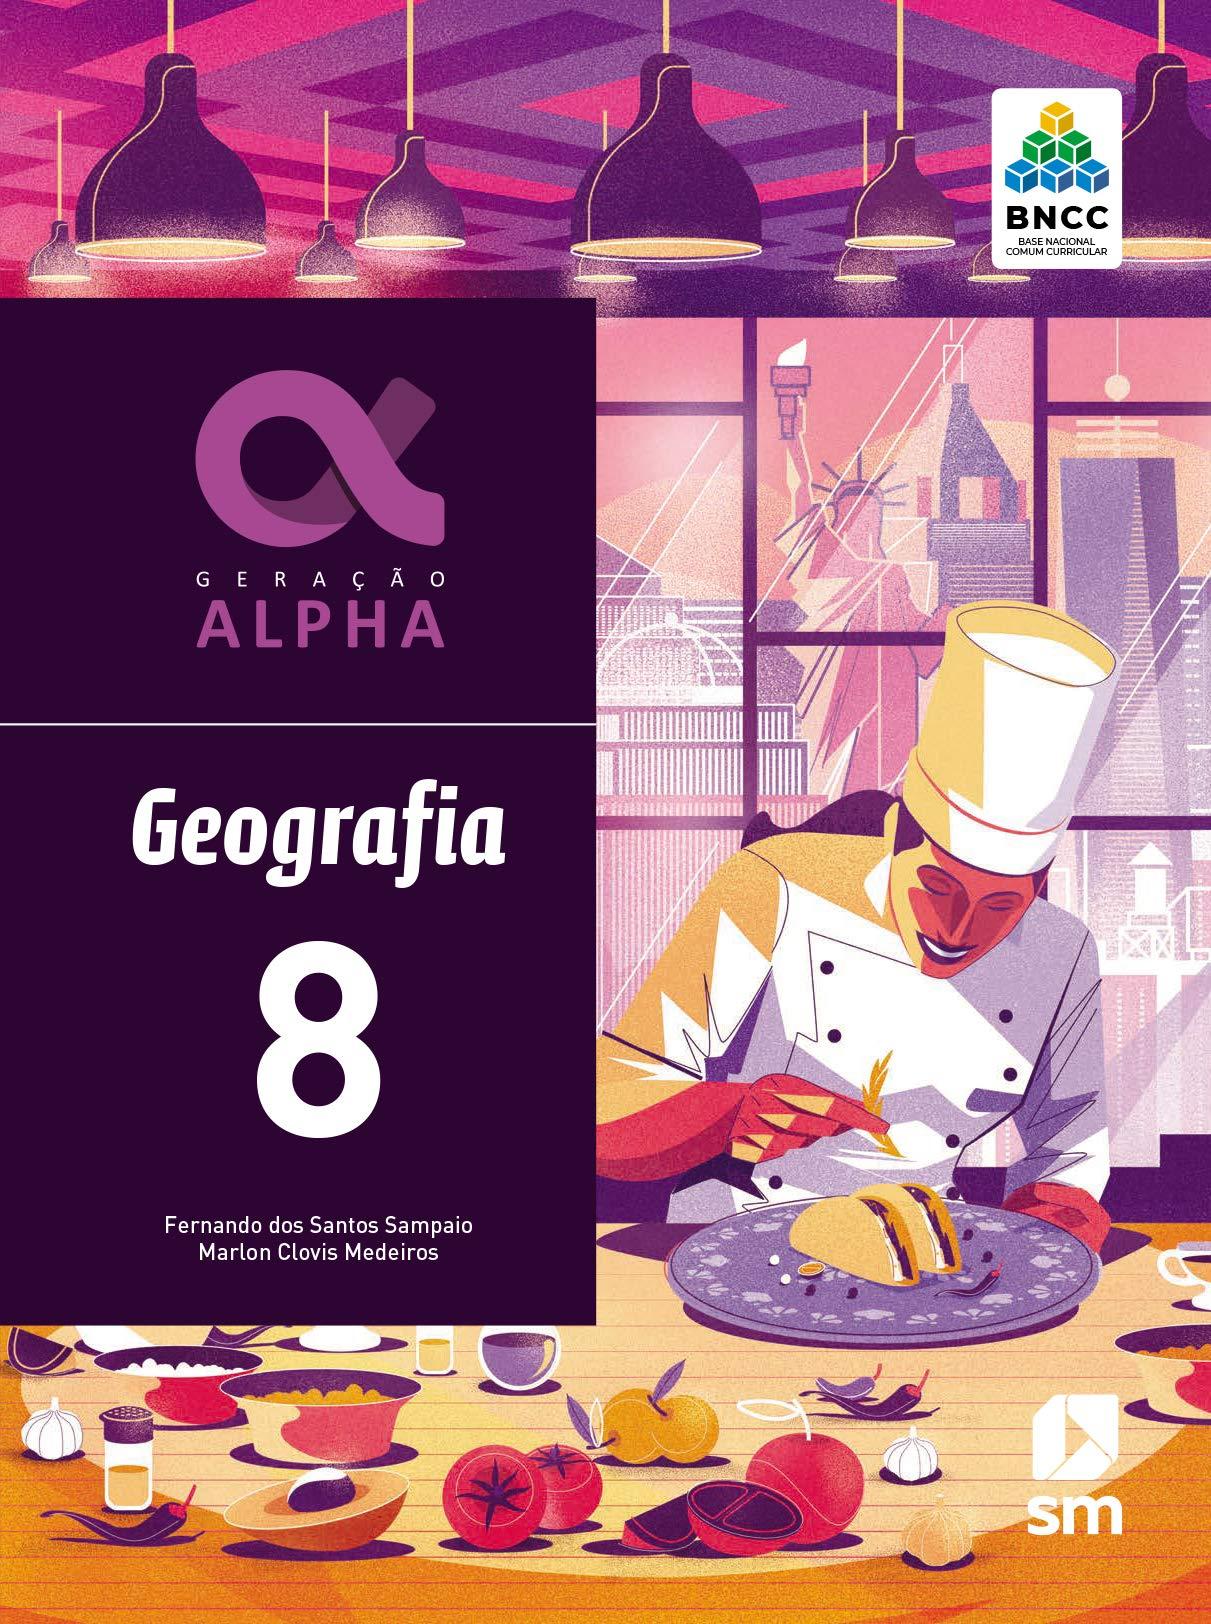 Geração Alpha Geografia 8 Ed 2019 - Bncc